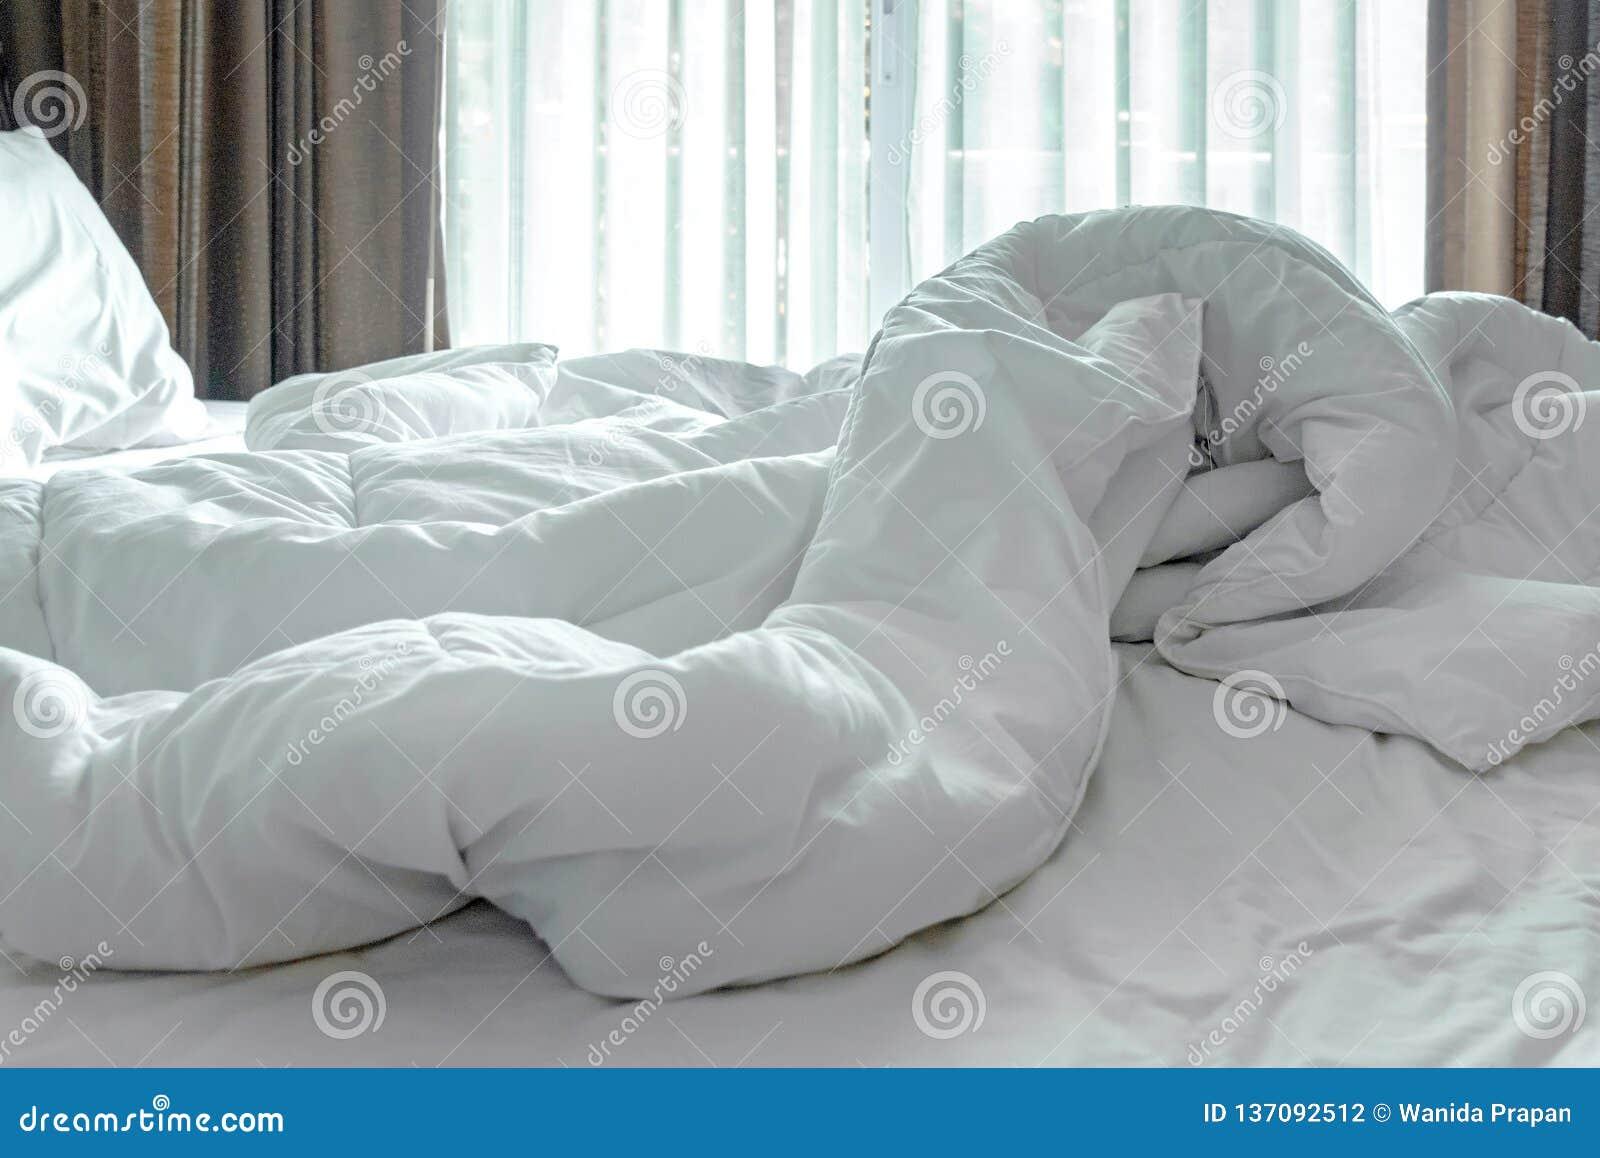 Strato, piumino bianco e cuscino del letto del materasso, incasinati di mattina nella stanza del letto